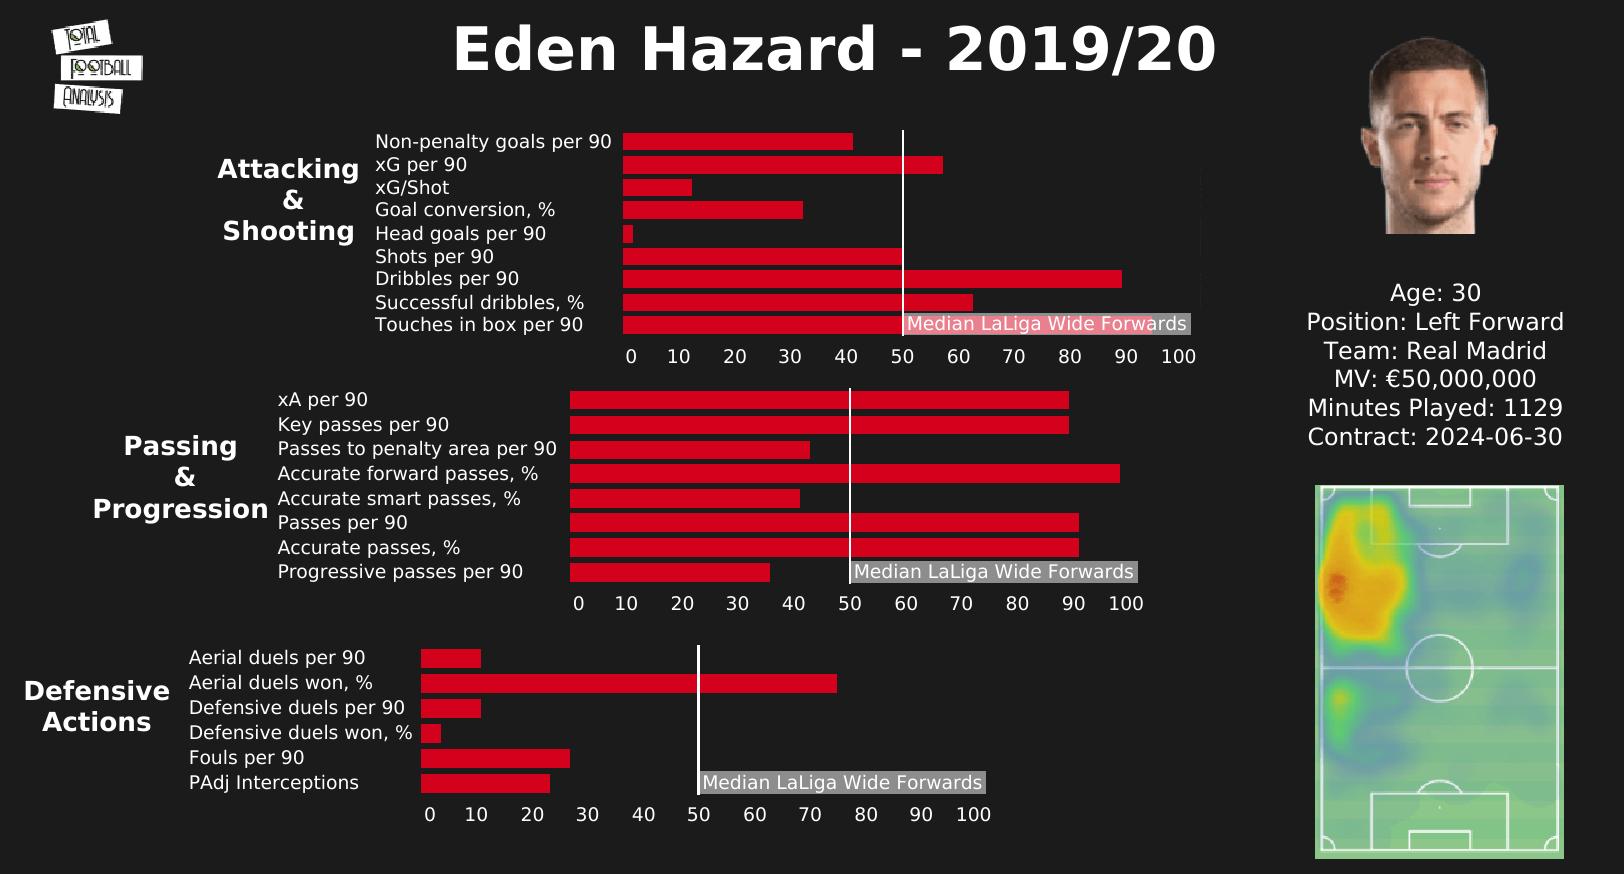 Eden Hazard 2020/21 - scout report - tactical analysis tactics